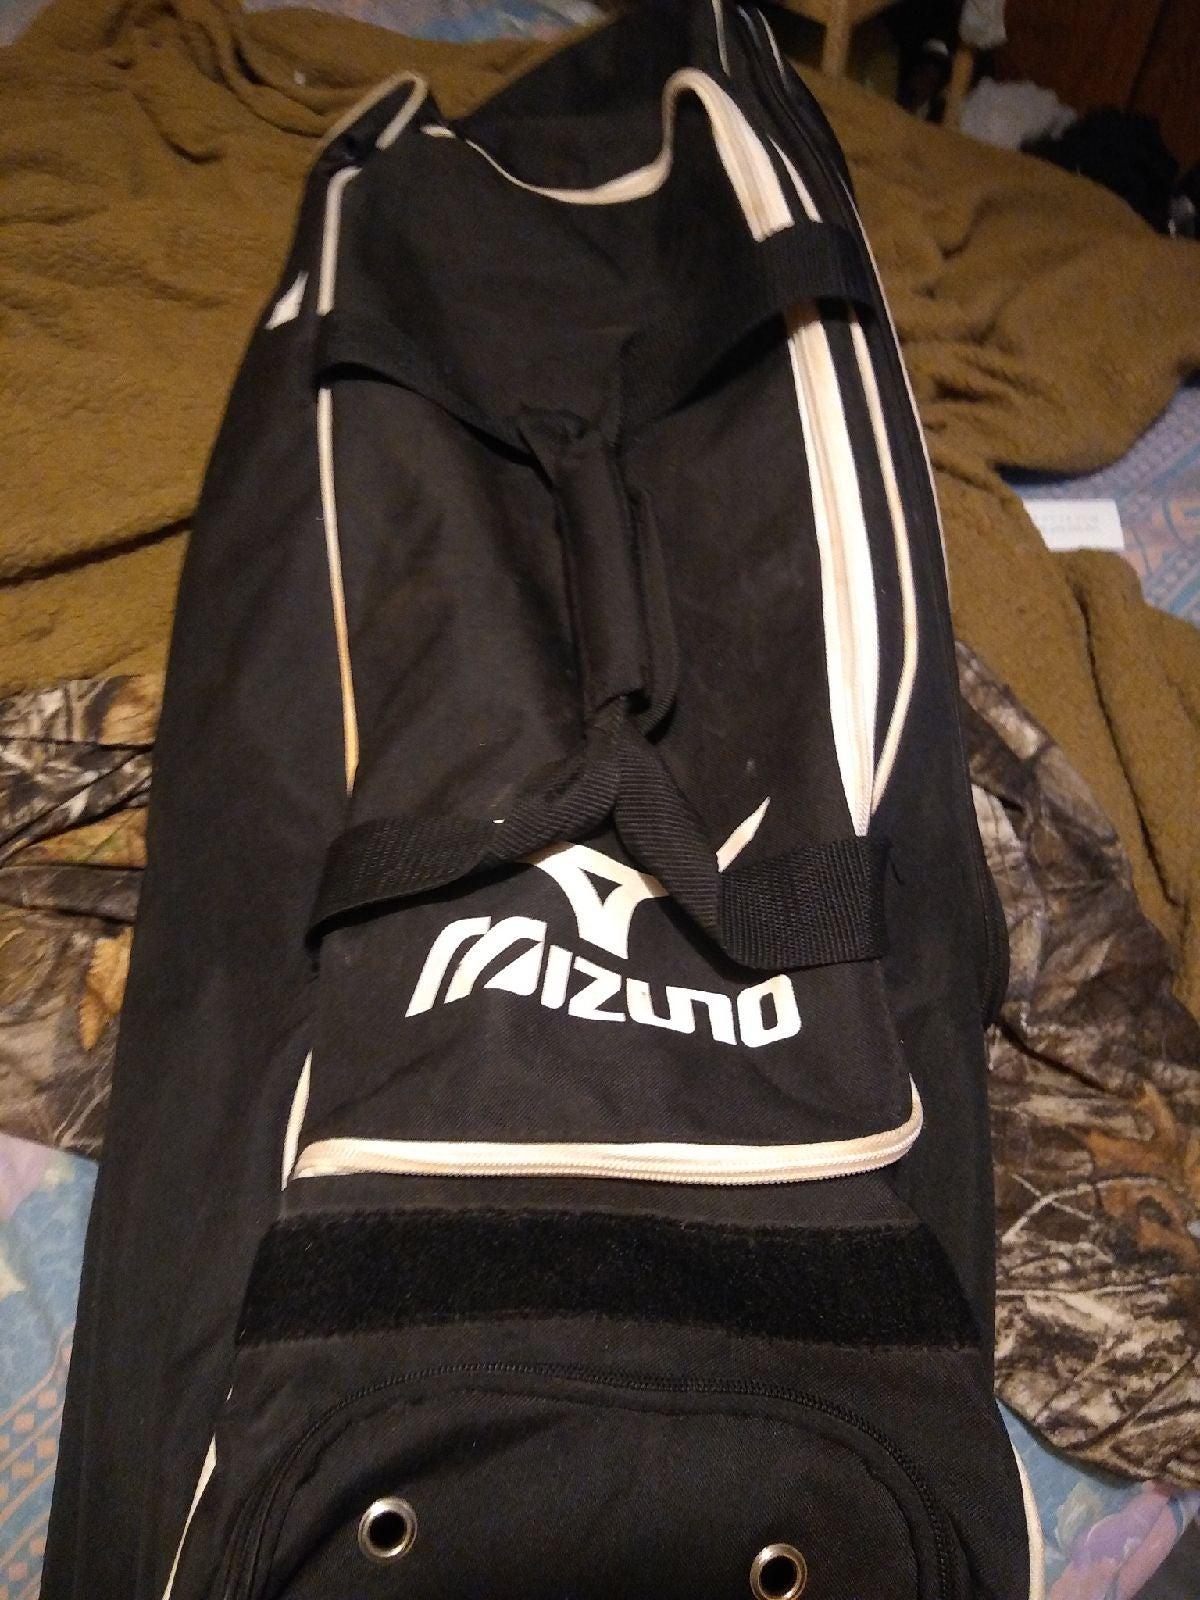 Sports equipment bag